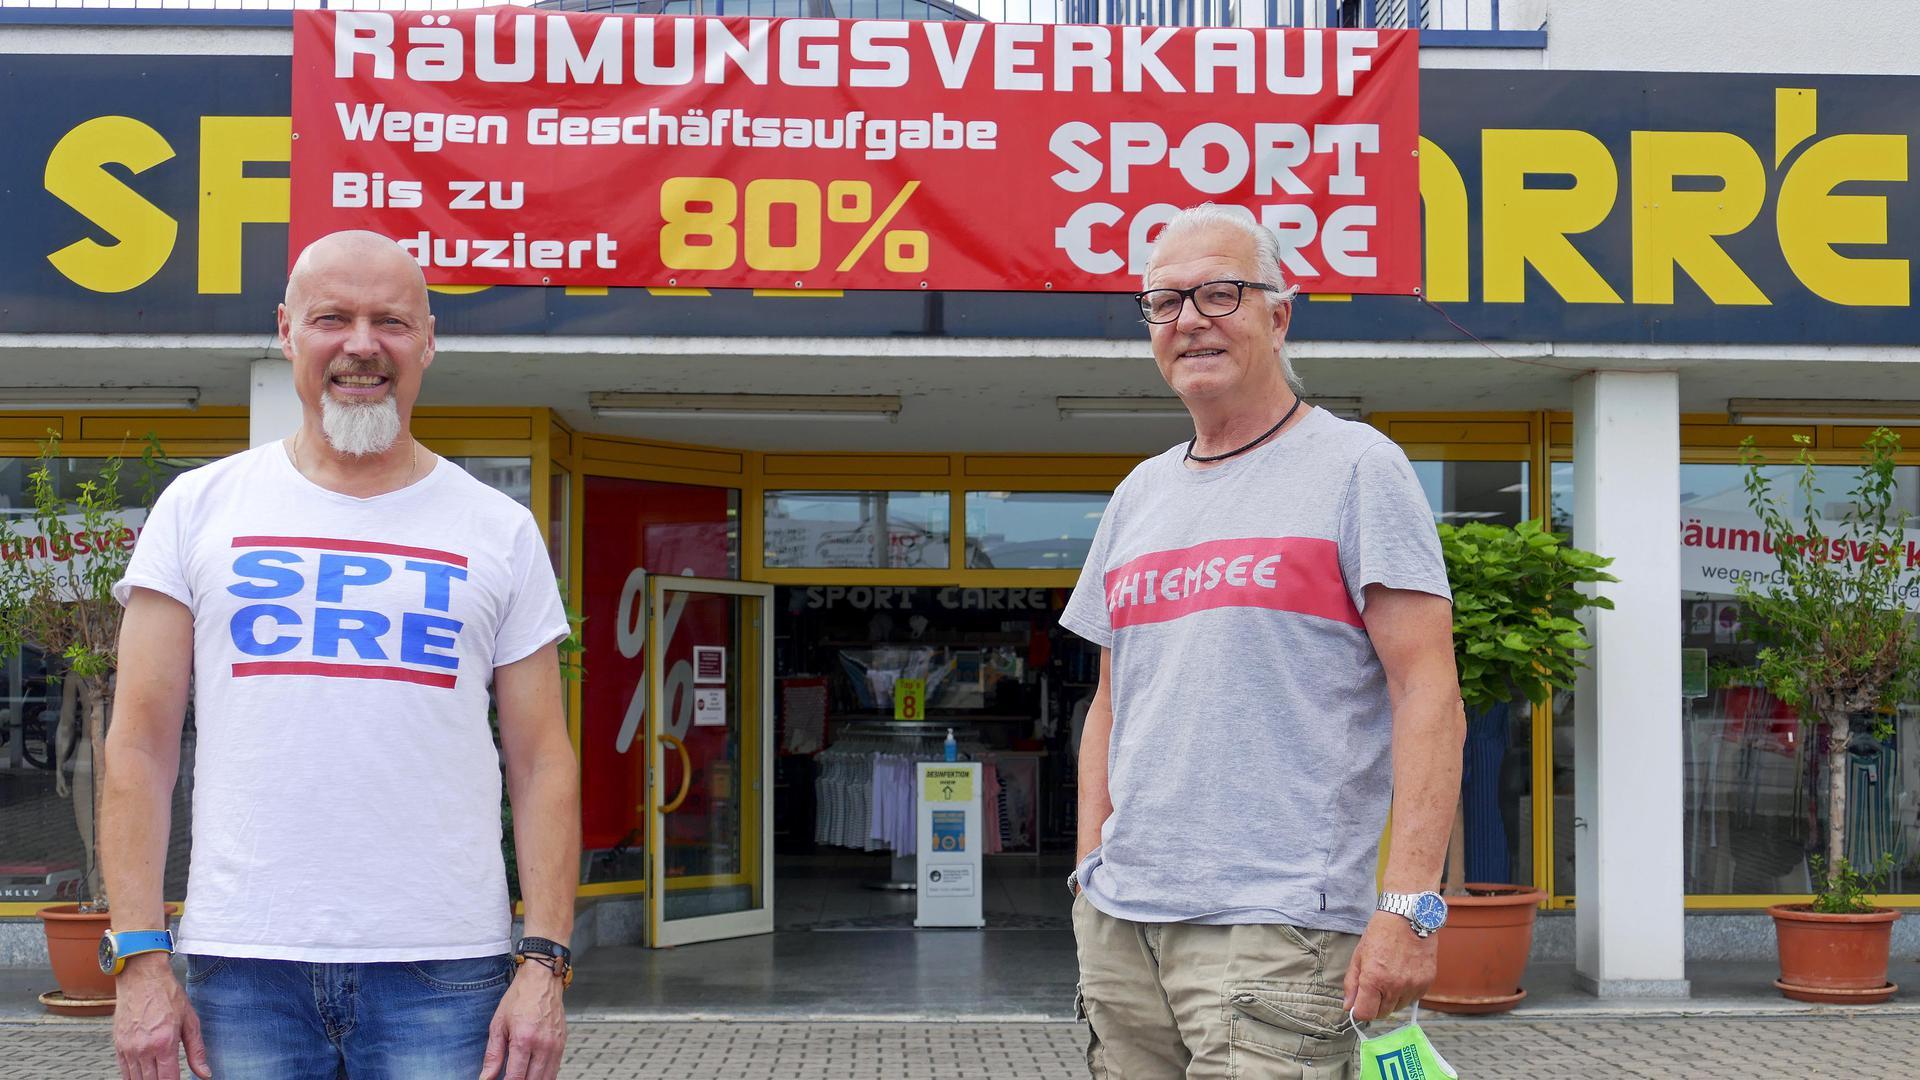 Zwei Männer im T-Shirt stehen vor dem Eingang des Ladengeschäfts.